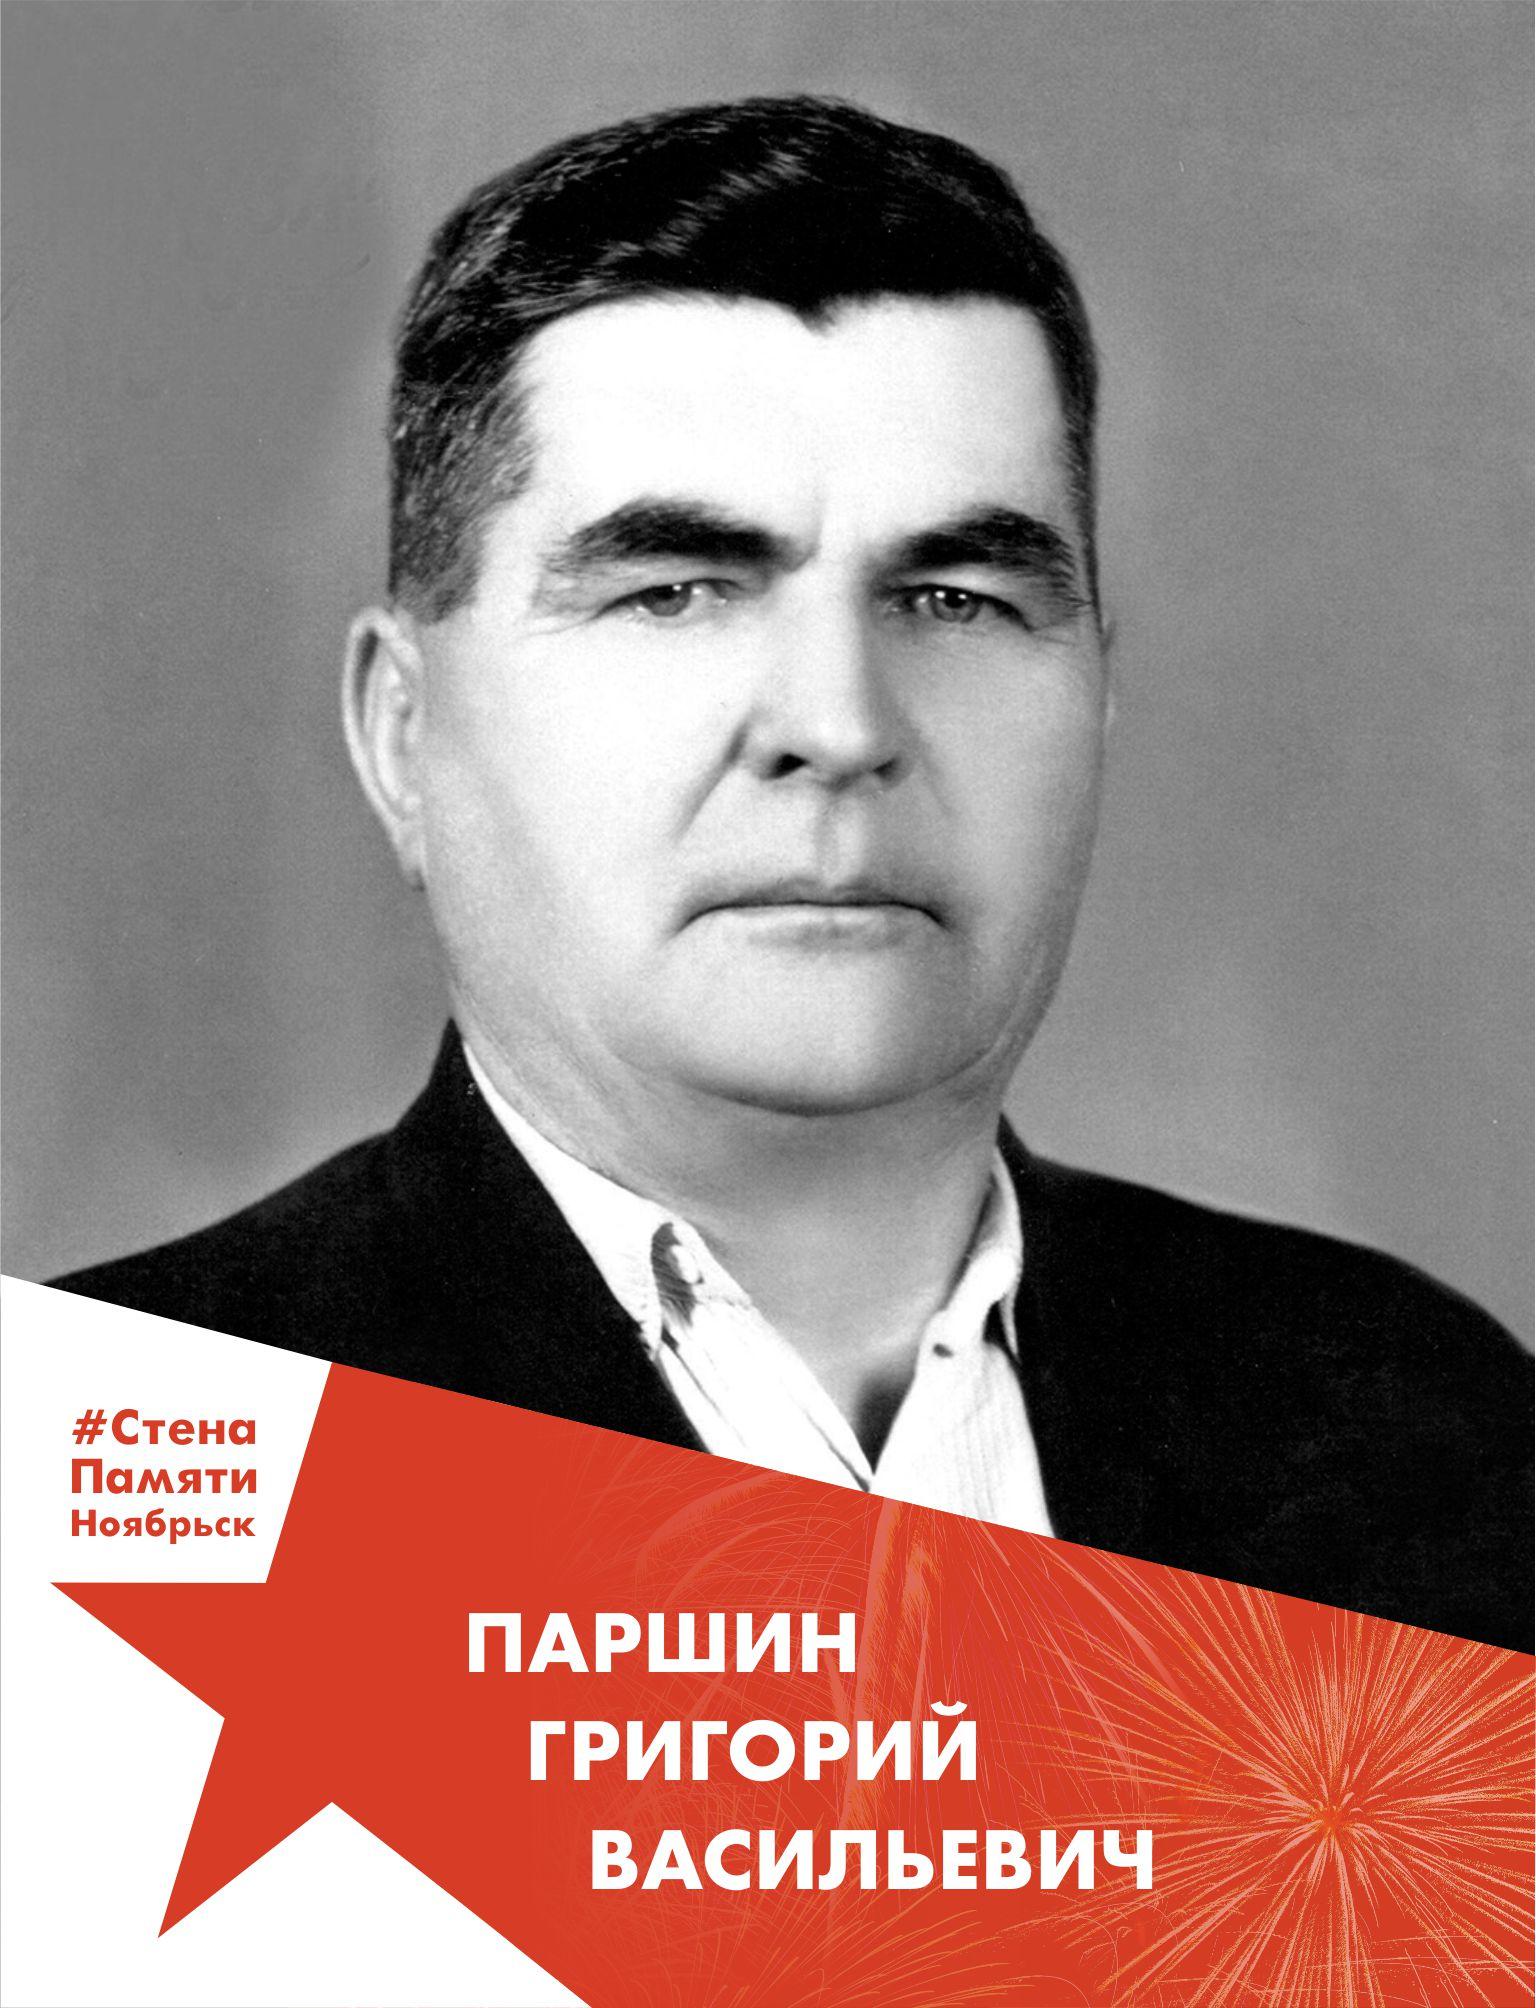 Паршин Григорий Васильевич